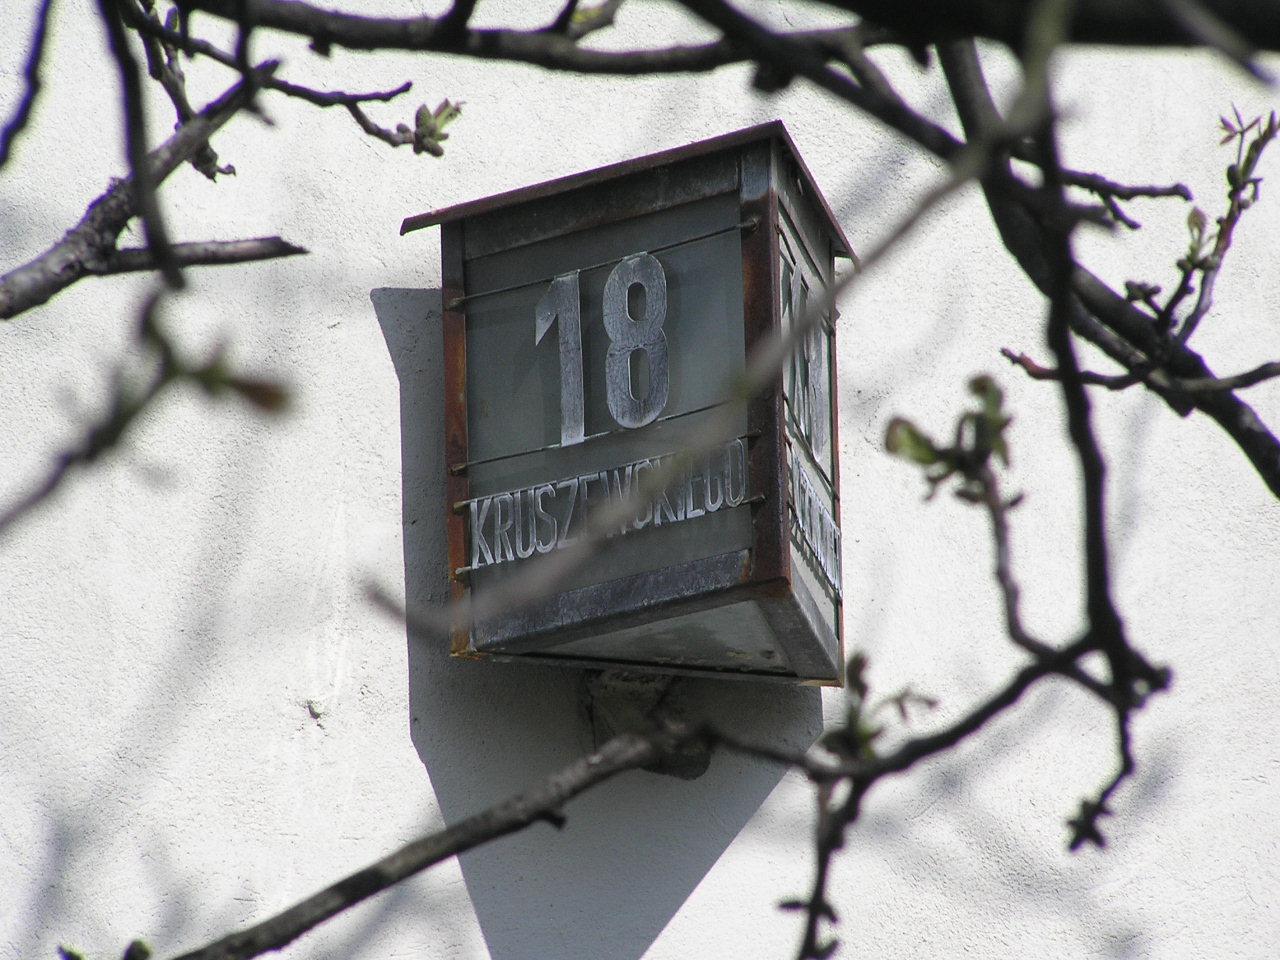 Latarenka adresowa - Kruszewskiego 18